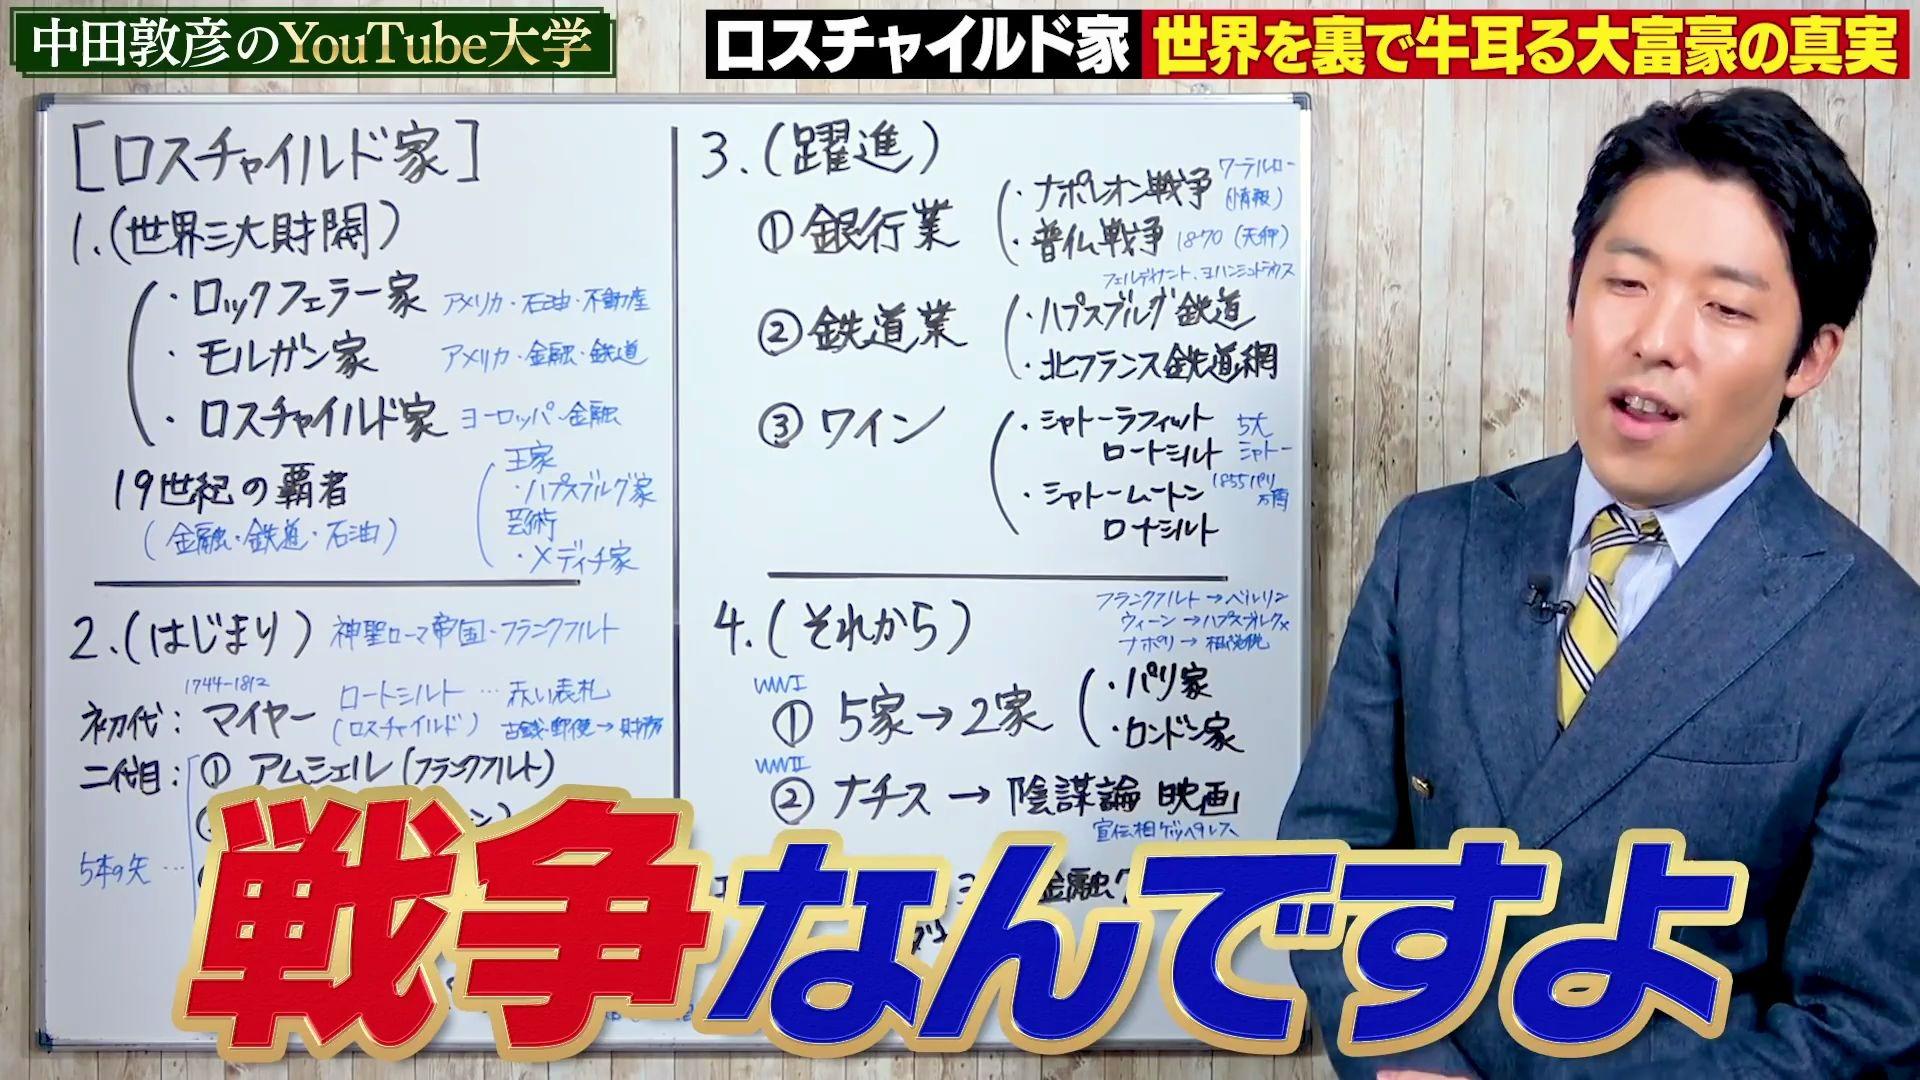 中田 敦彦 youtube 大学 世界 史